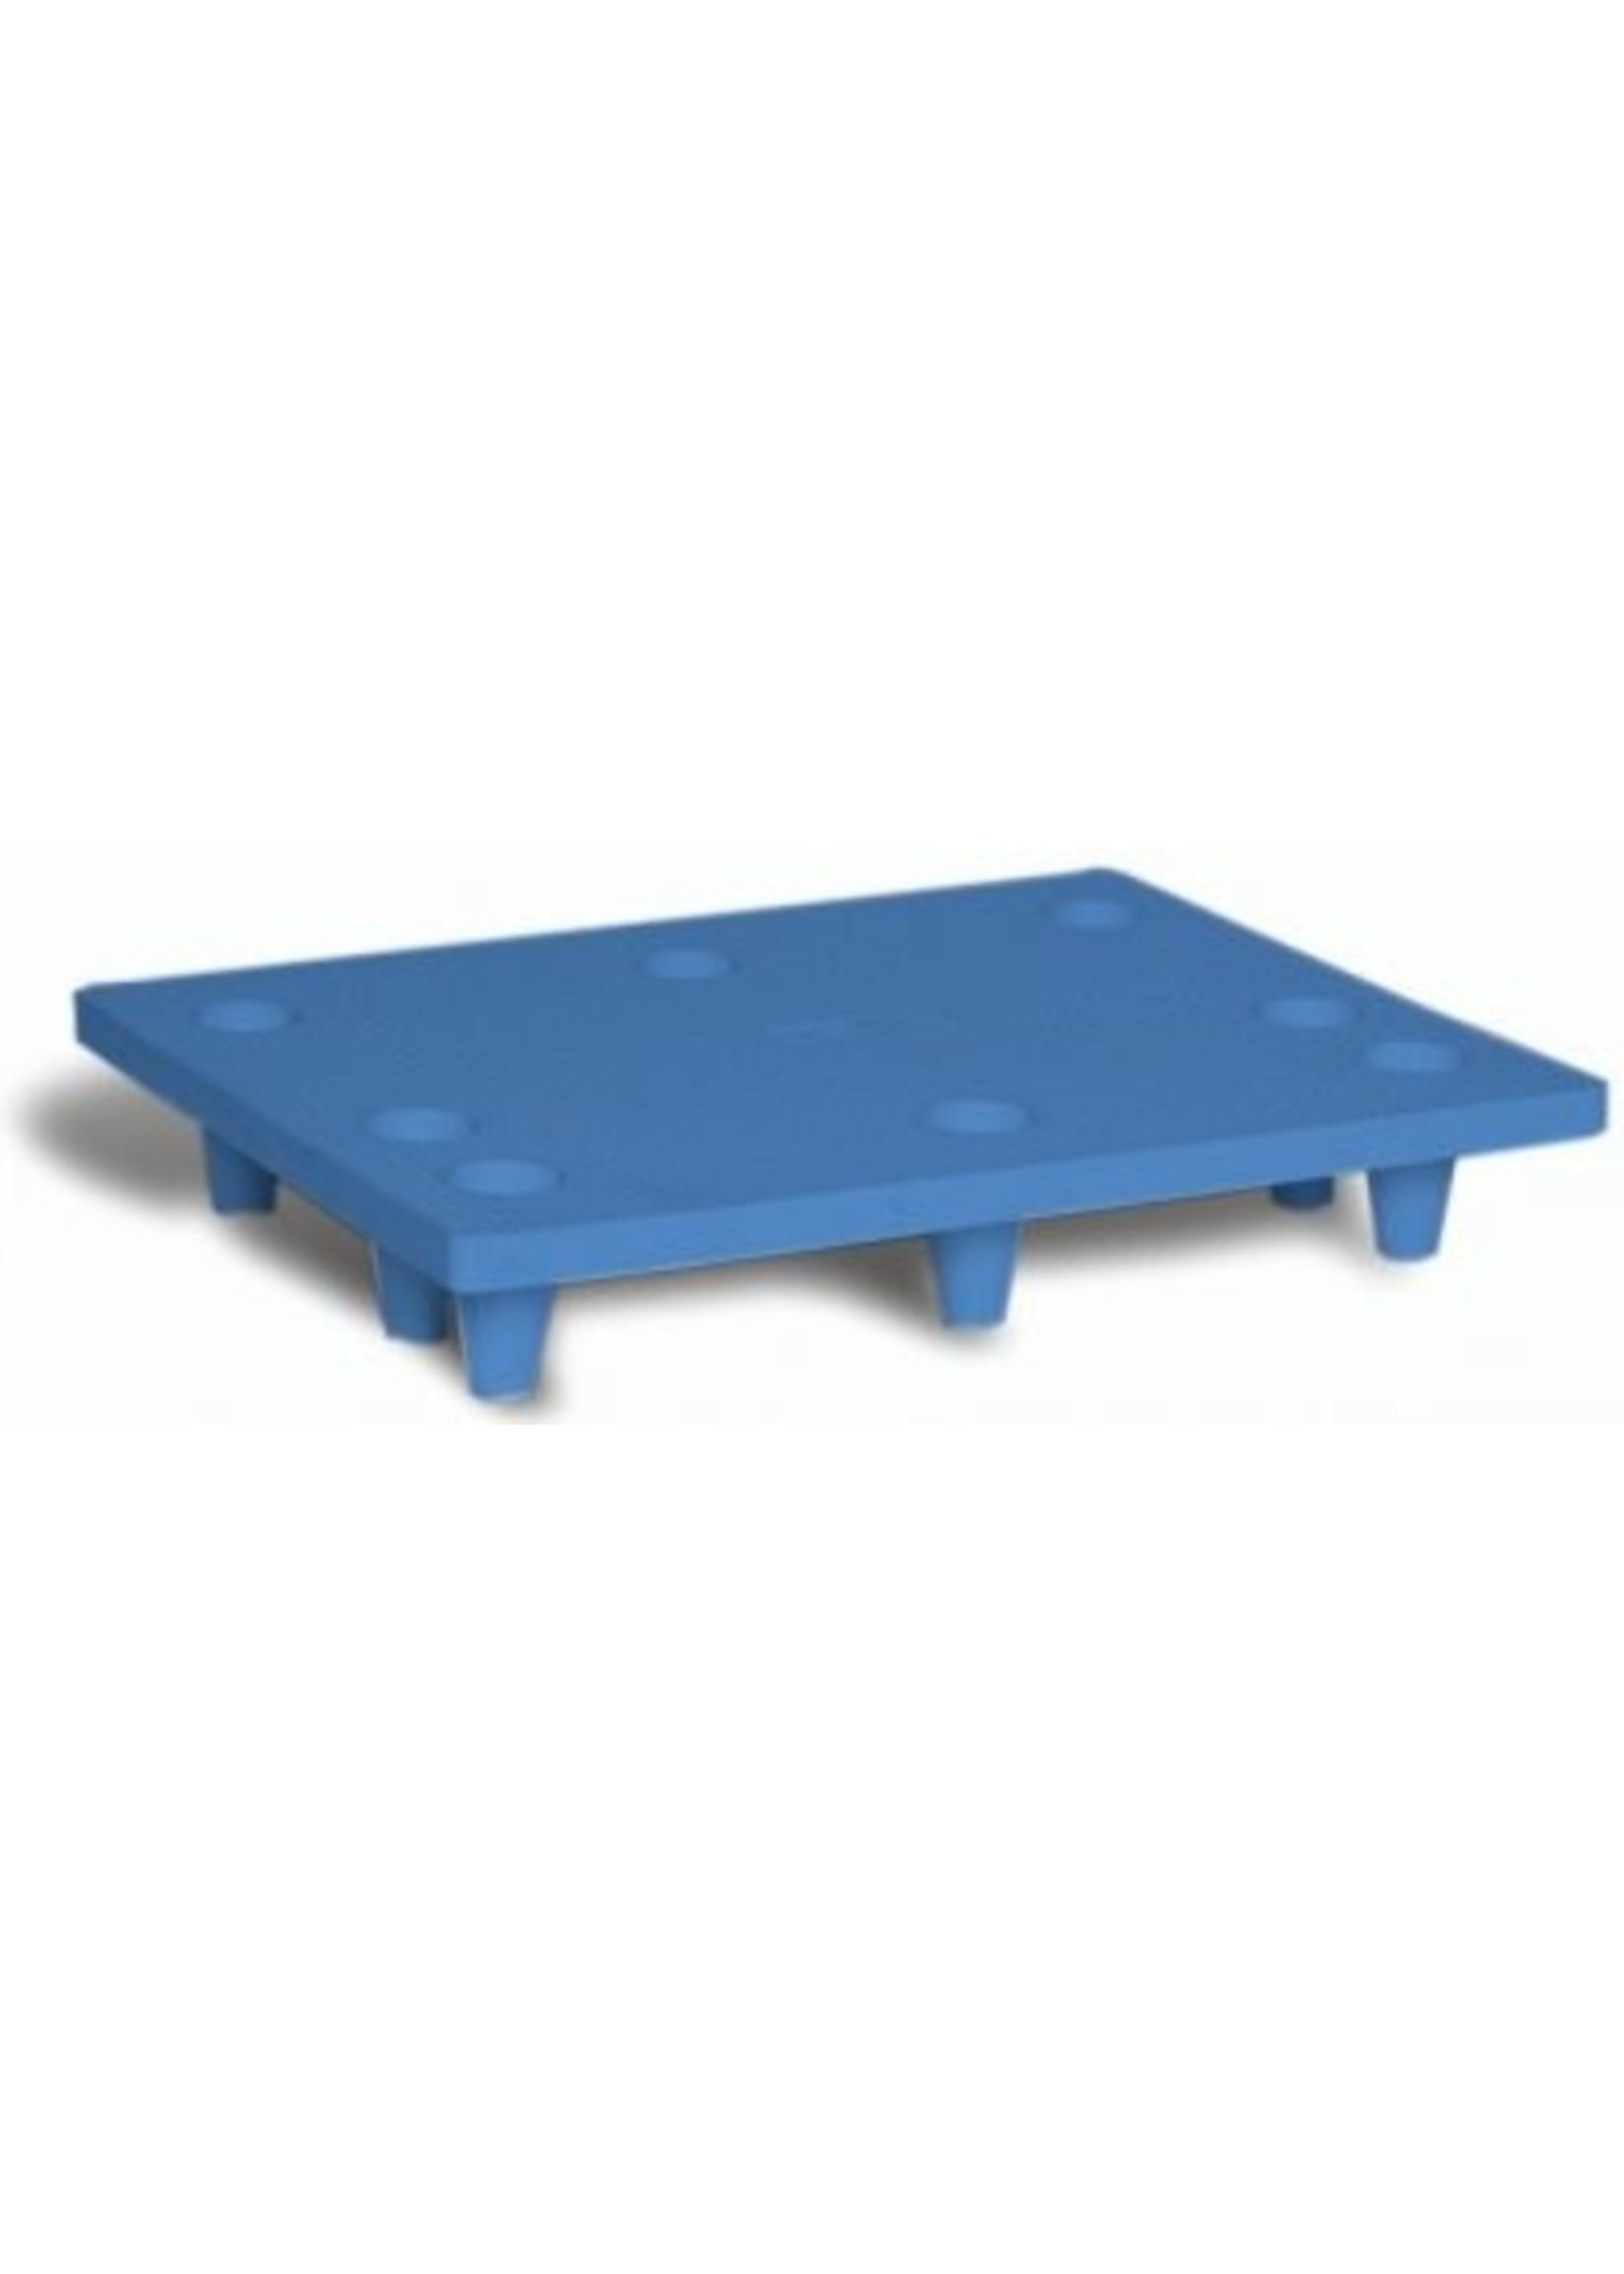 Halve kunststof pallet, met gaten - nestbaar 800 x 600 mm blauw